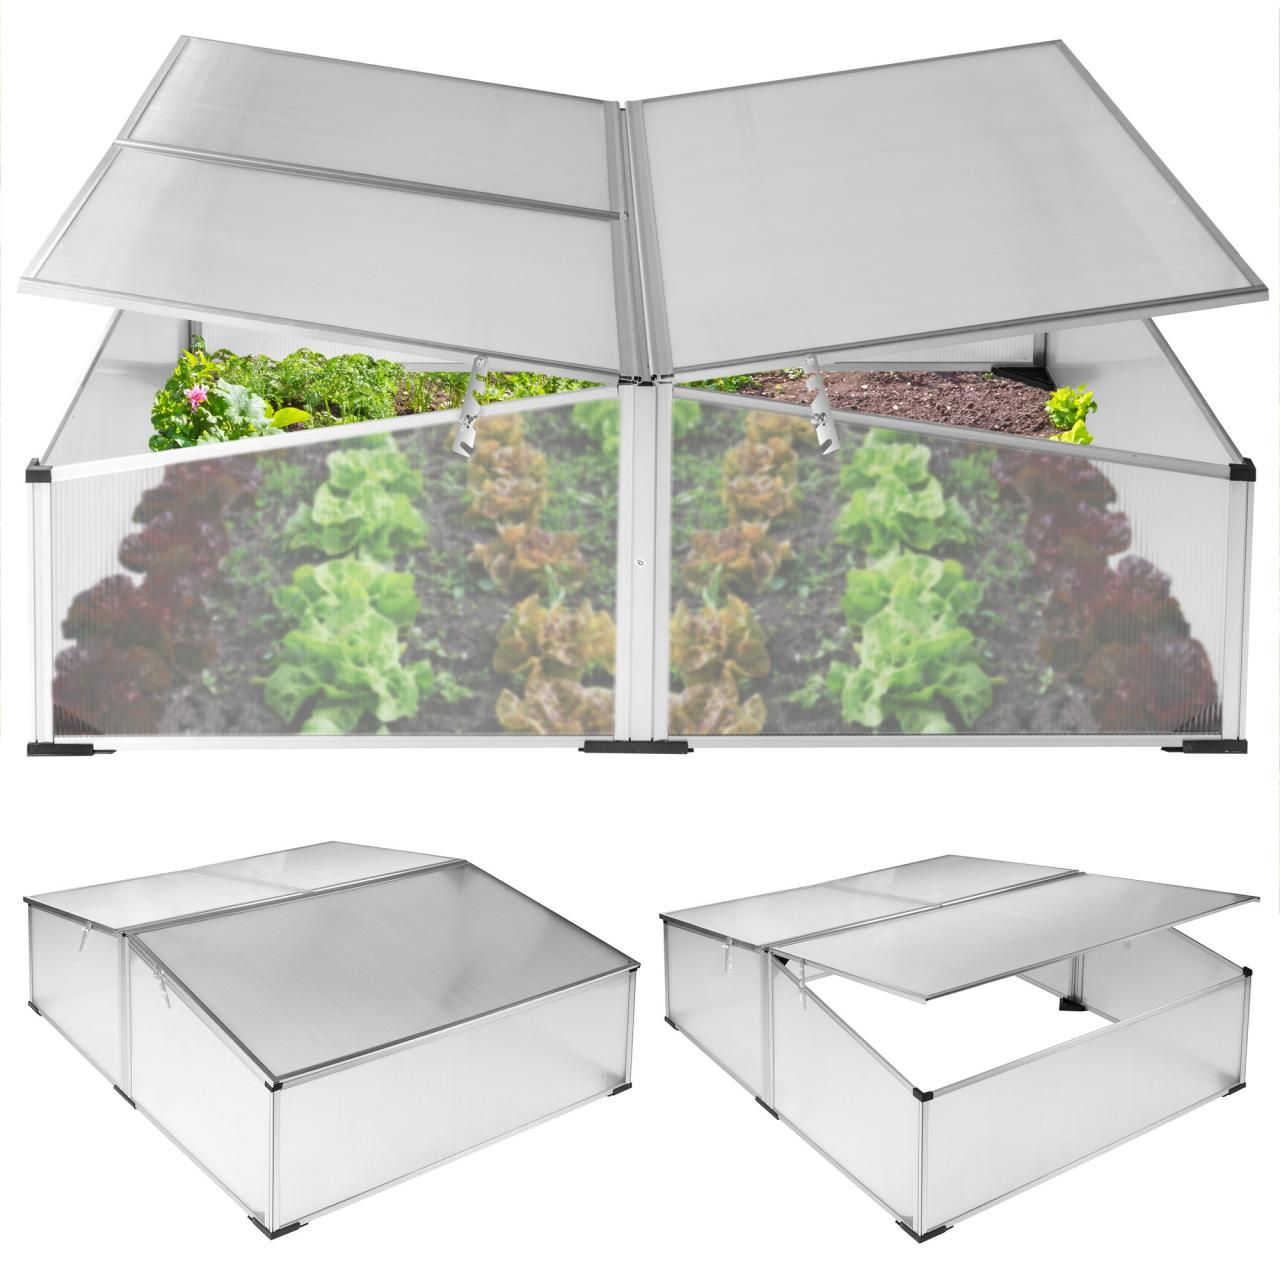 fr hbeet gew chshaus treibhaus tomatenhaus kr uter garten pflanzen gr enwahl ebay. Black Bedroom Furniture Sets. Home Design Ideas